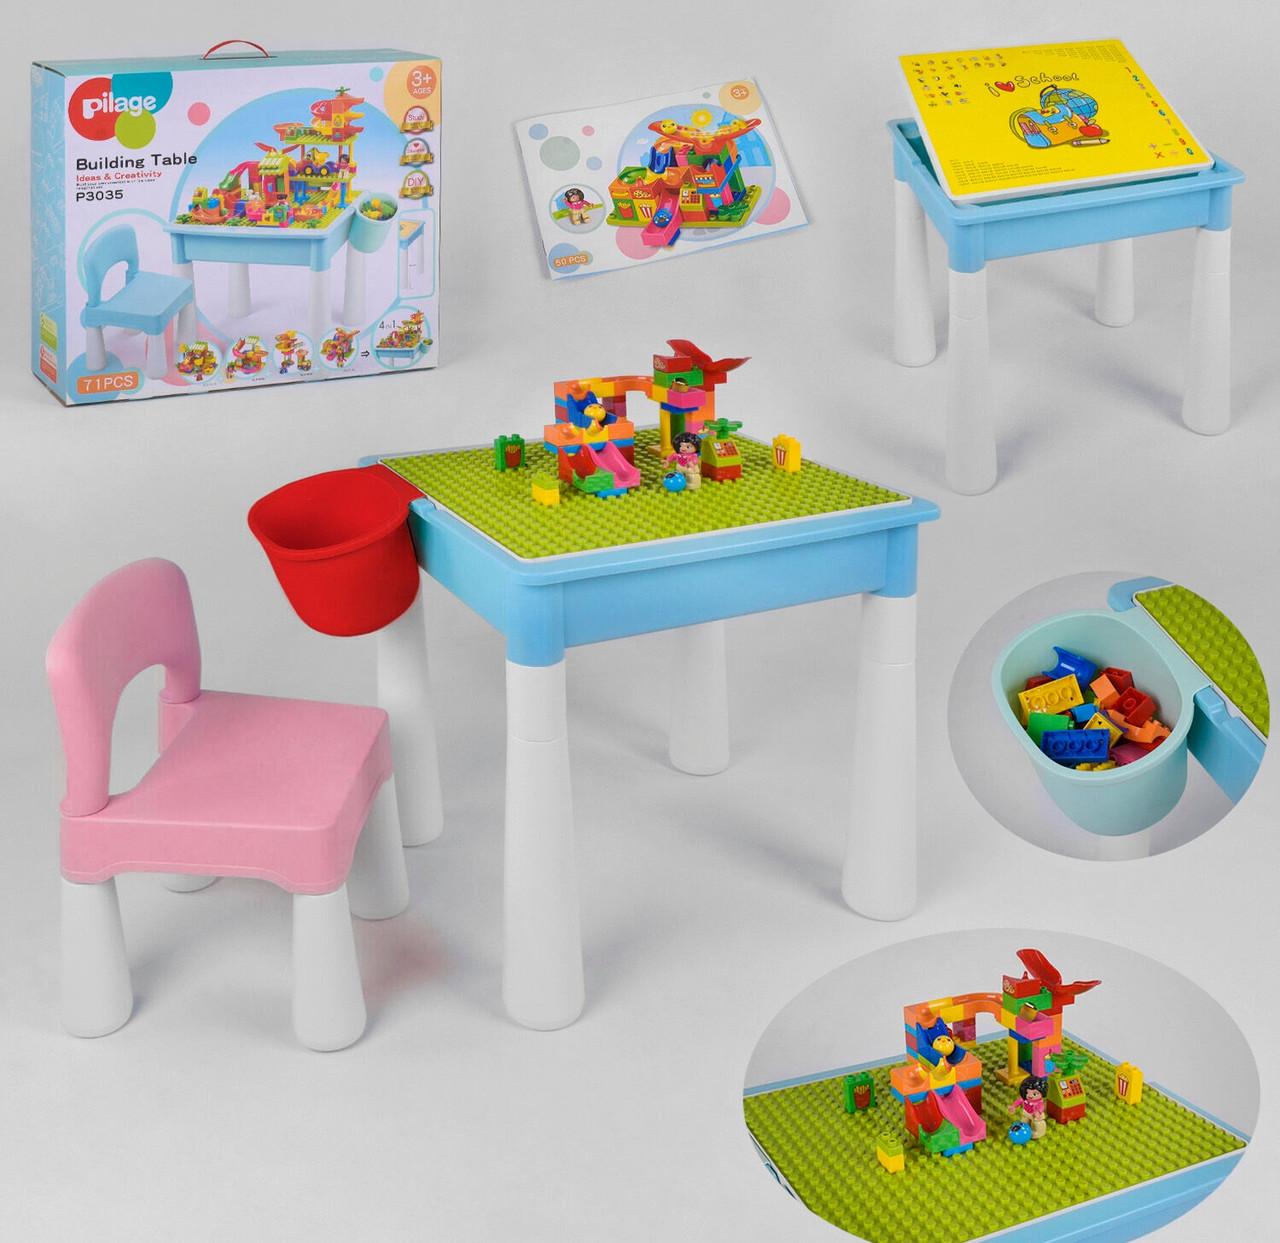 Ігровий столик і стільчик з конструктором 3035